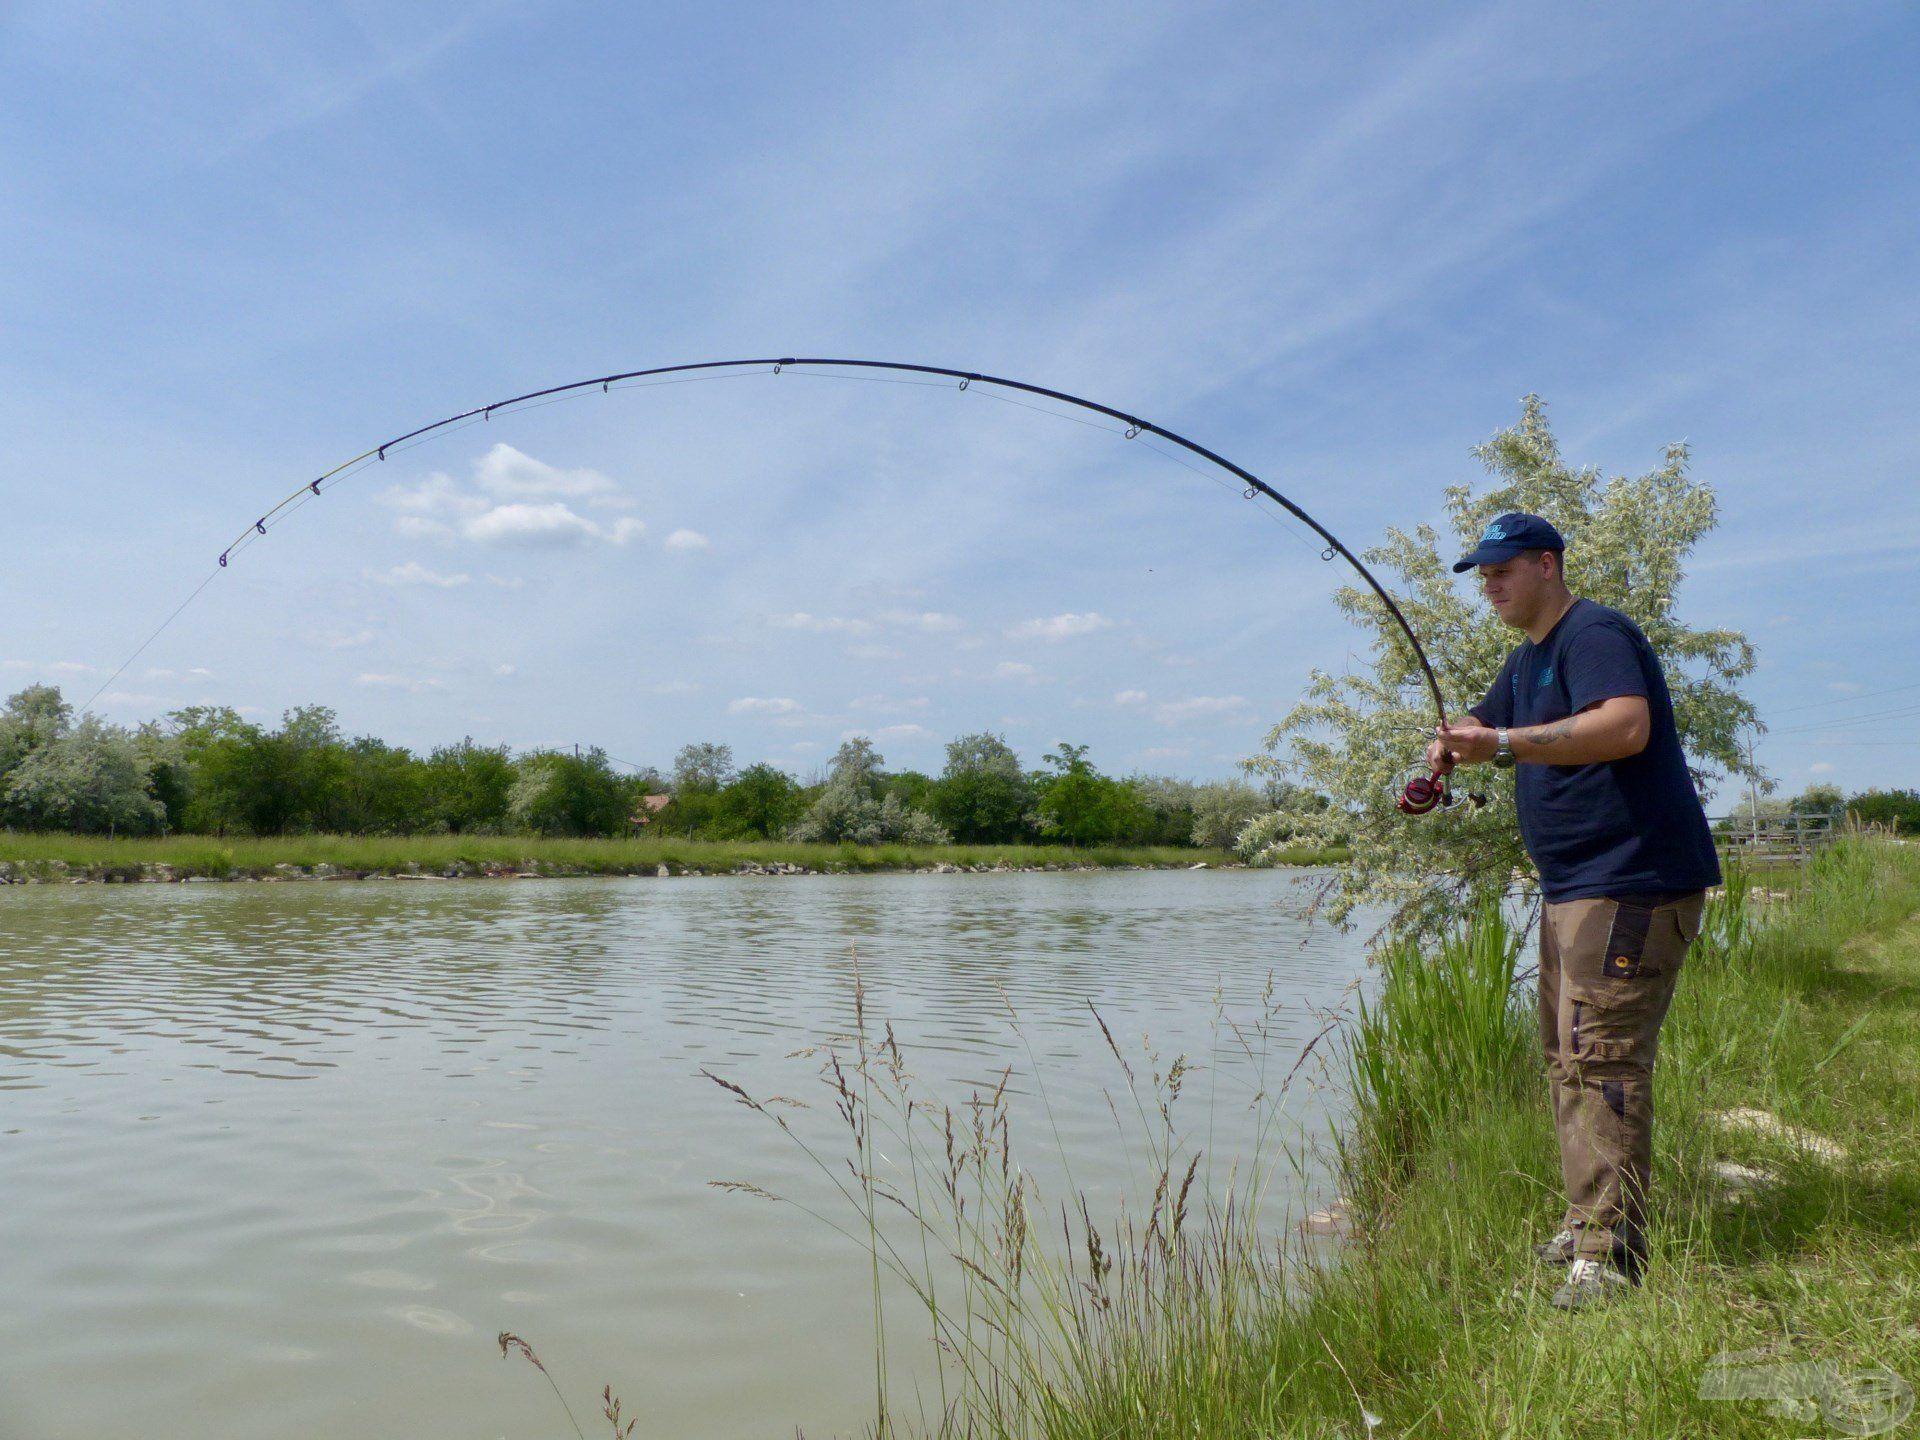 A választ hamarosan megkaptam, a horgászat legnagyobb hala küzdött a horgomon…